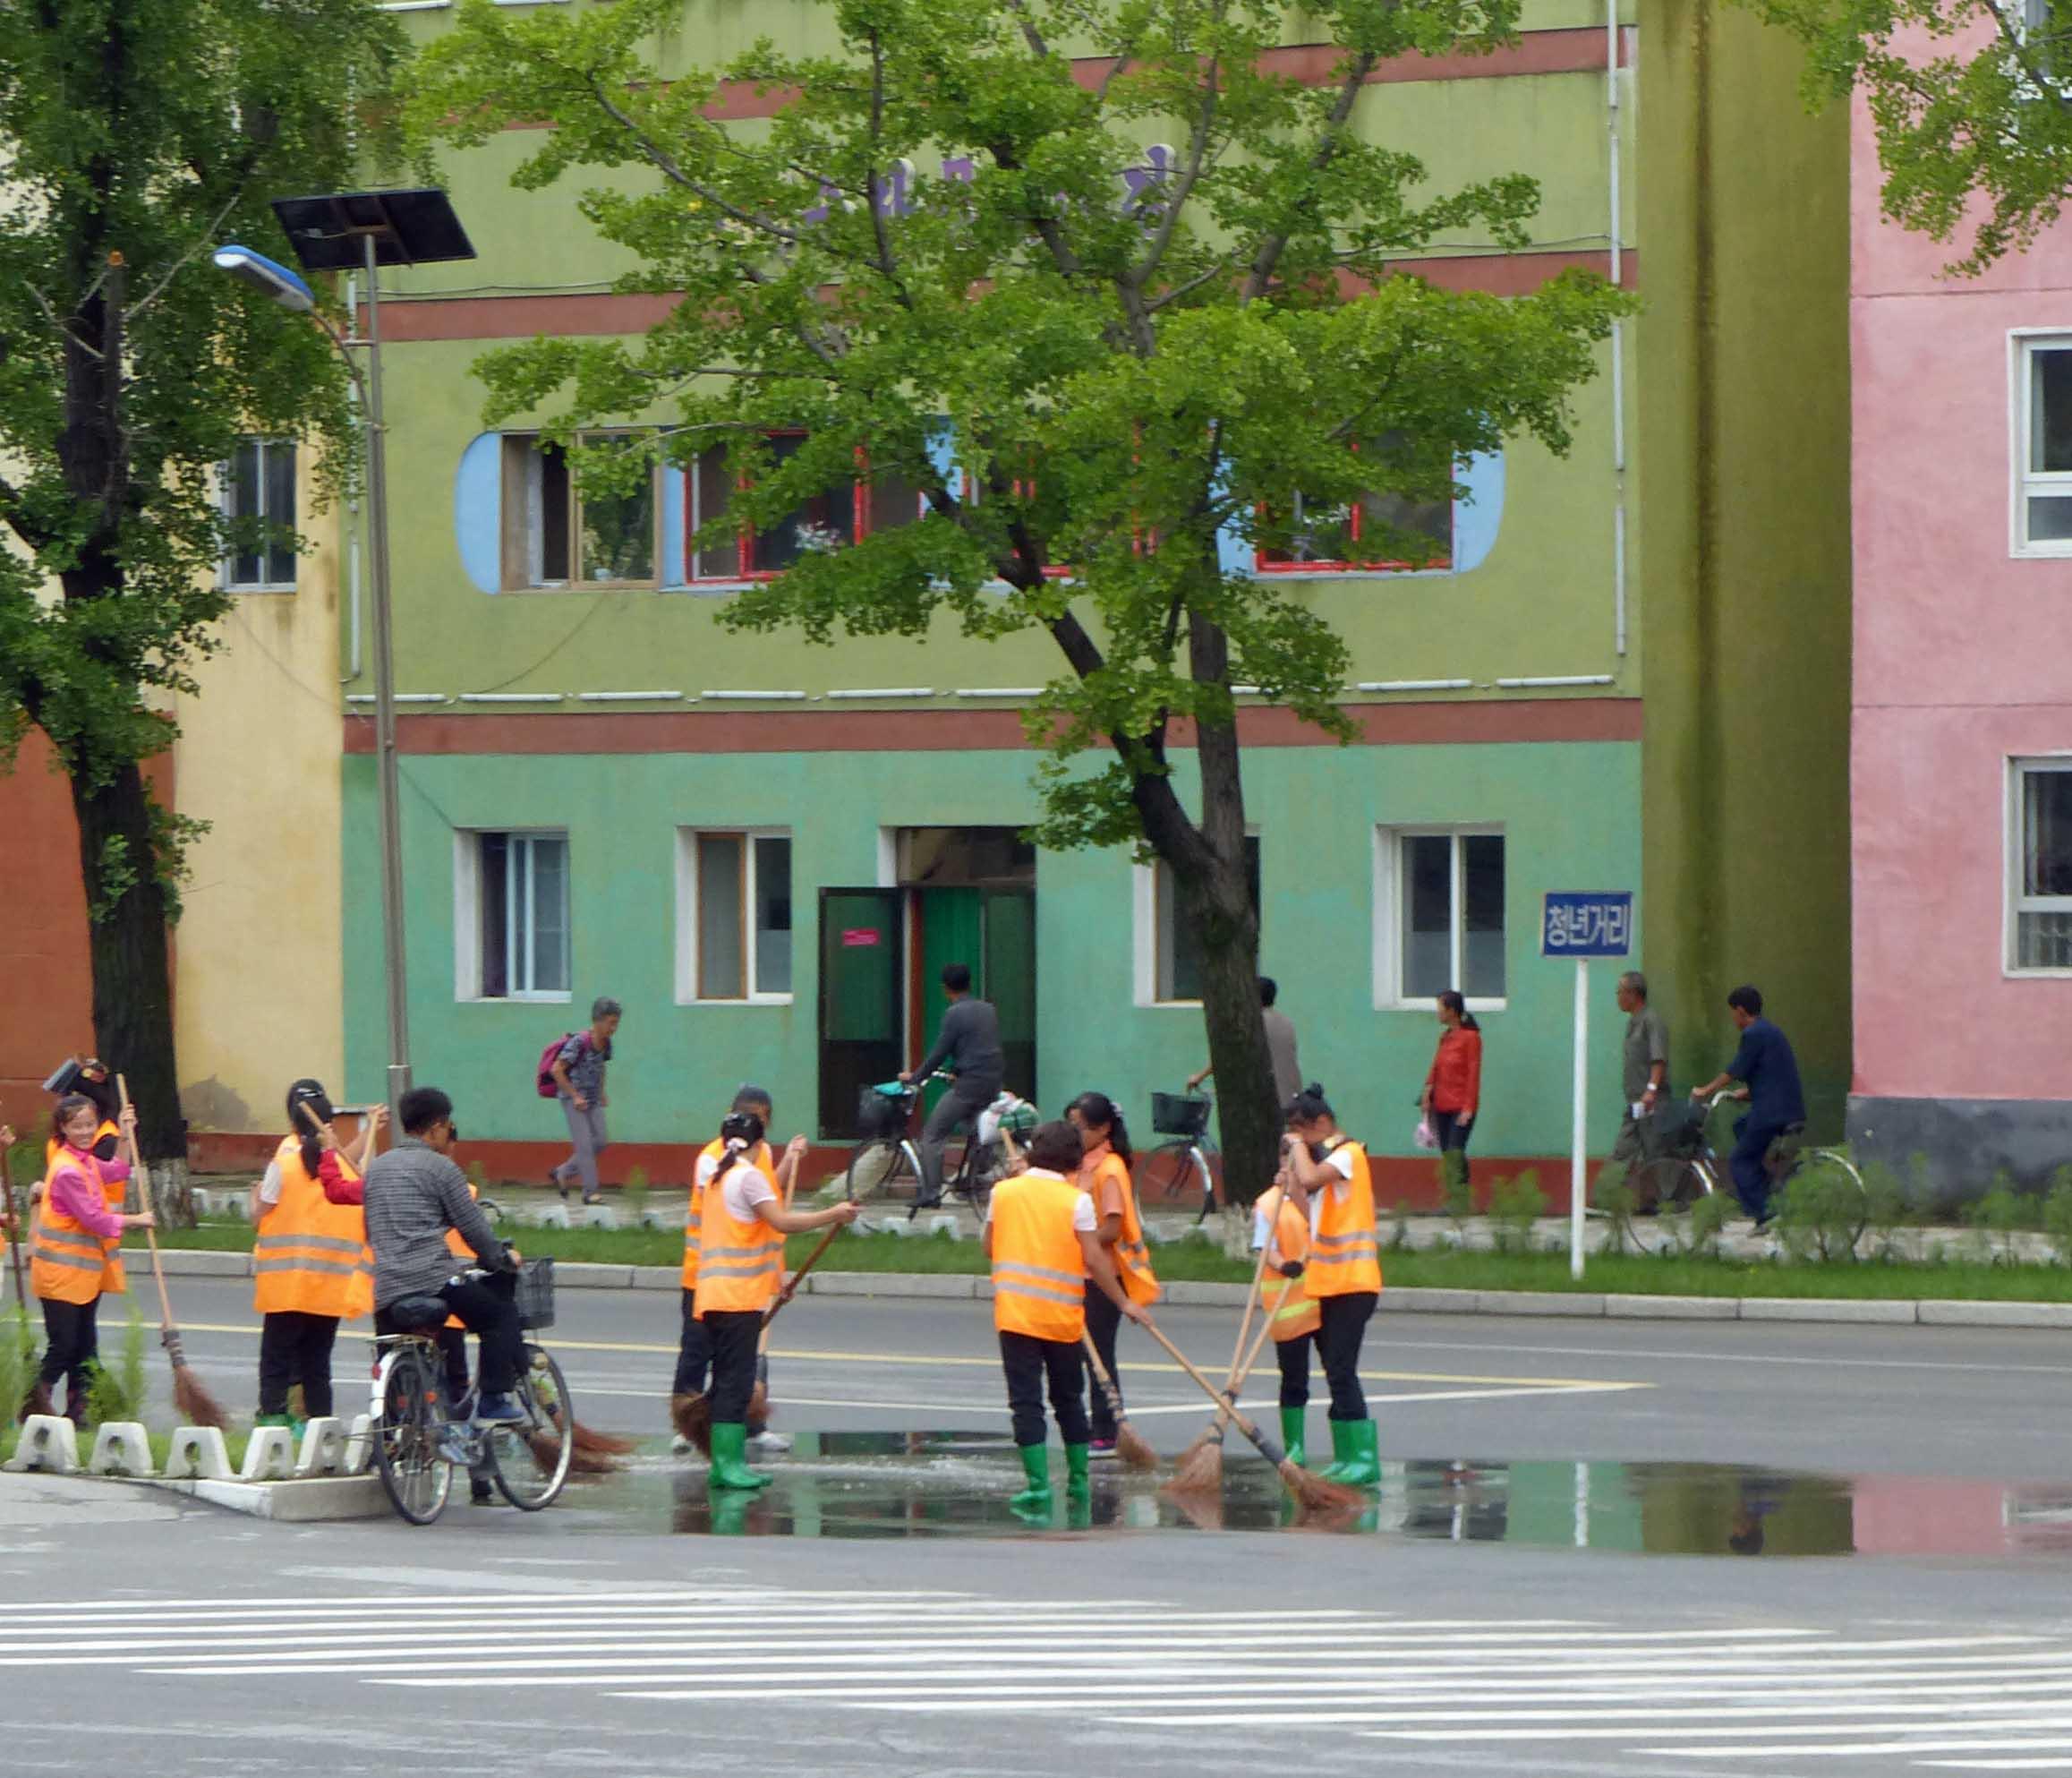 Women in orange sweeping street